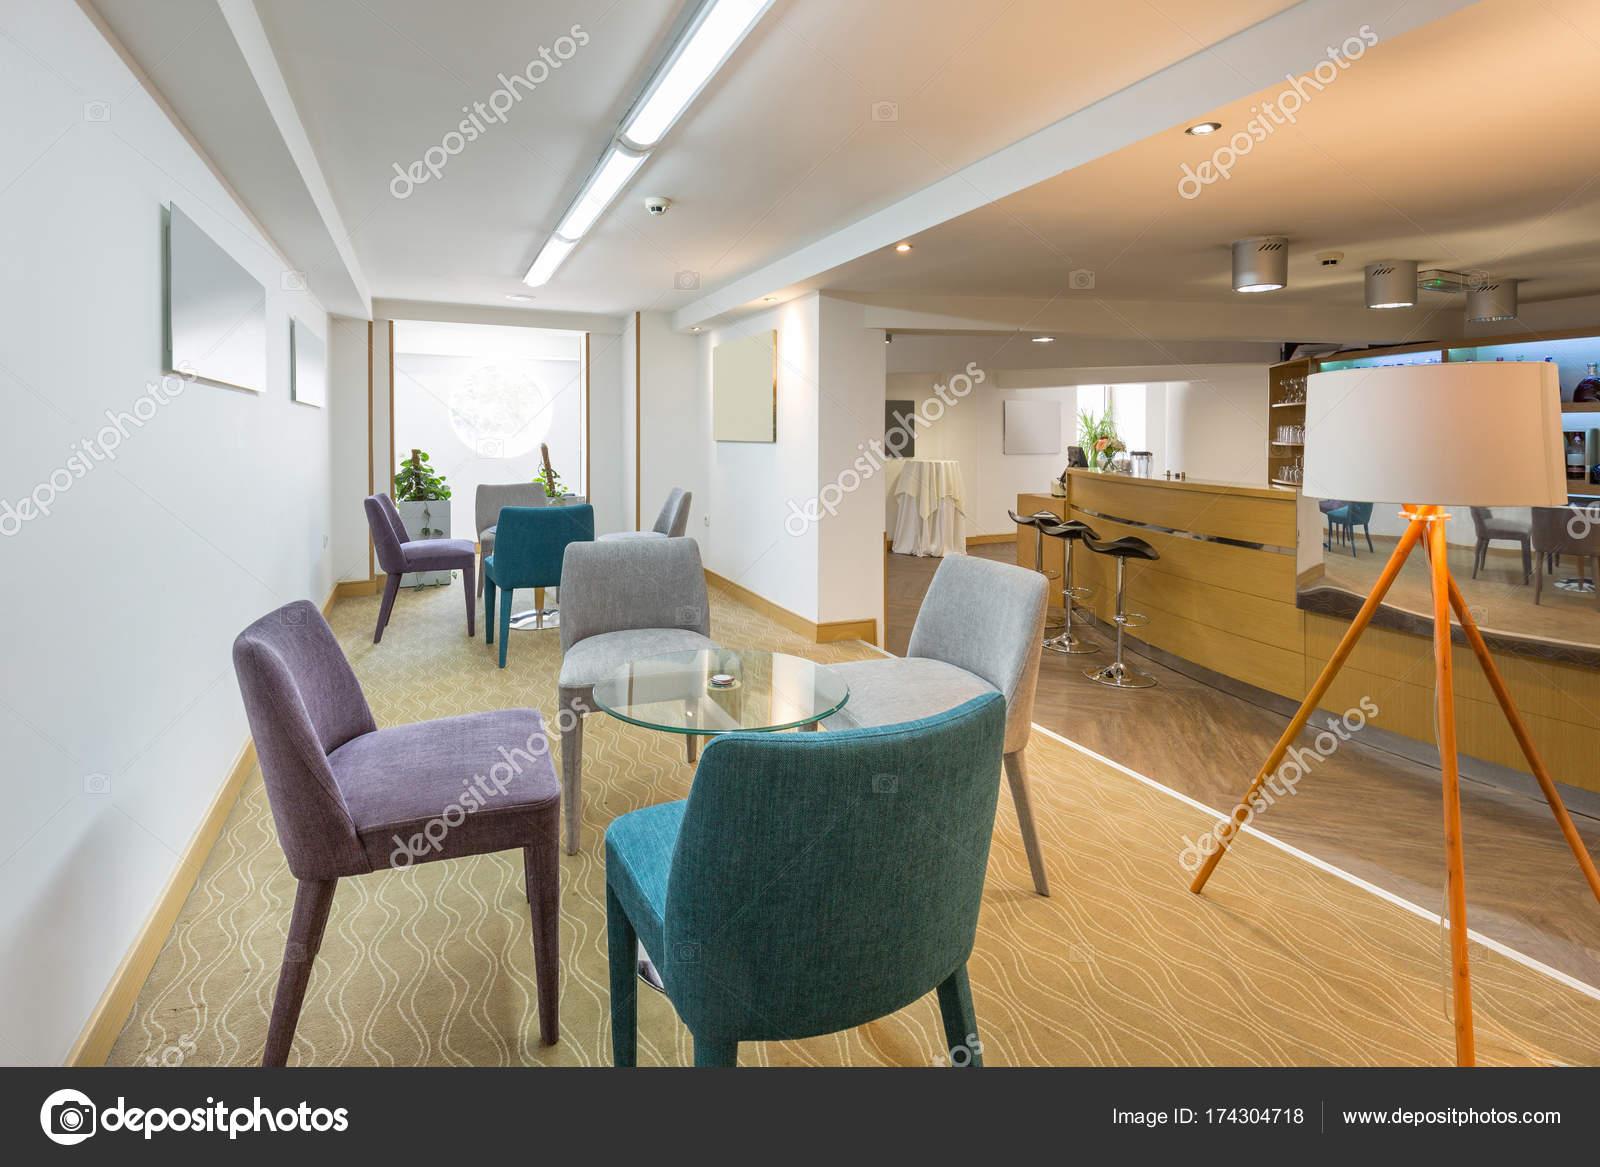 Hotel Lobby Café Interieur — Stockfoto © rilueda #174304718